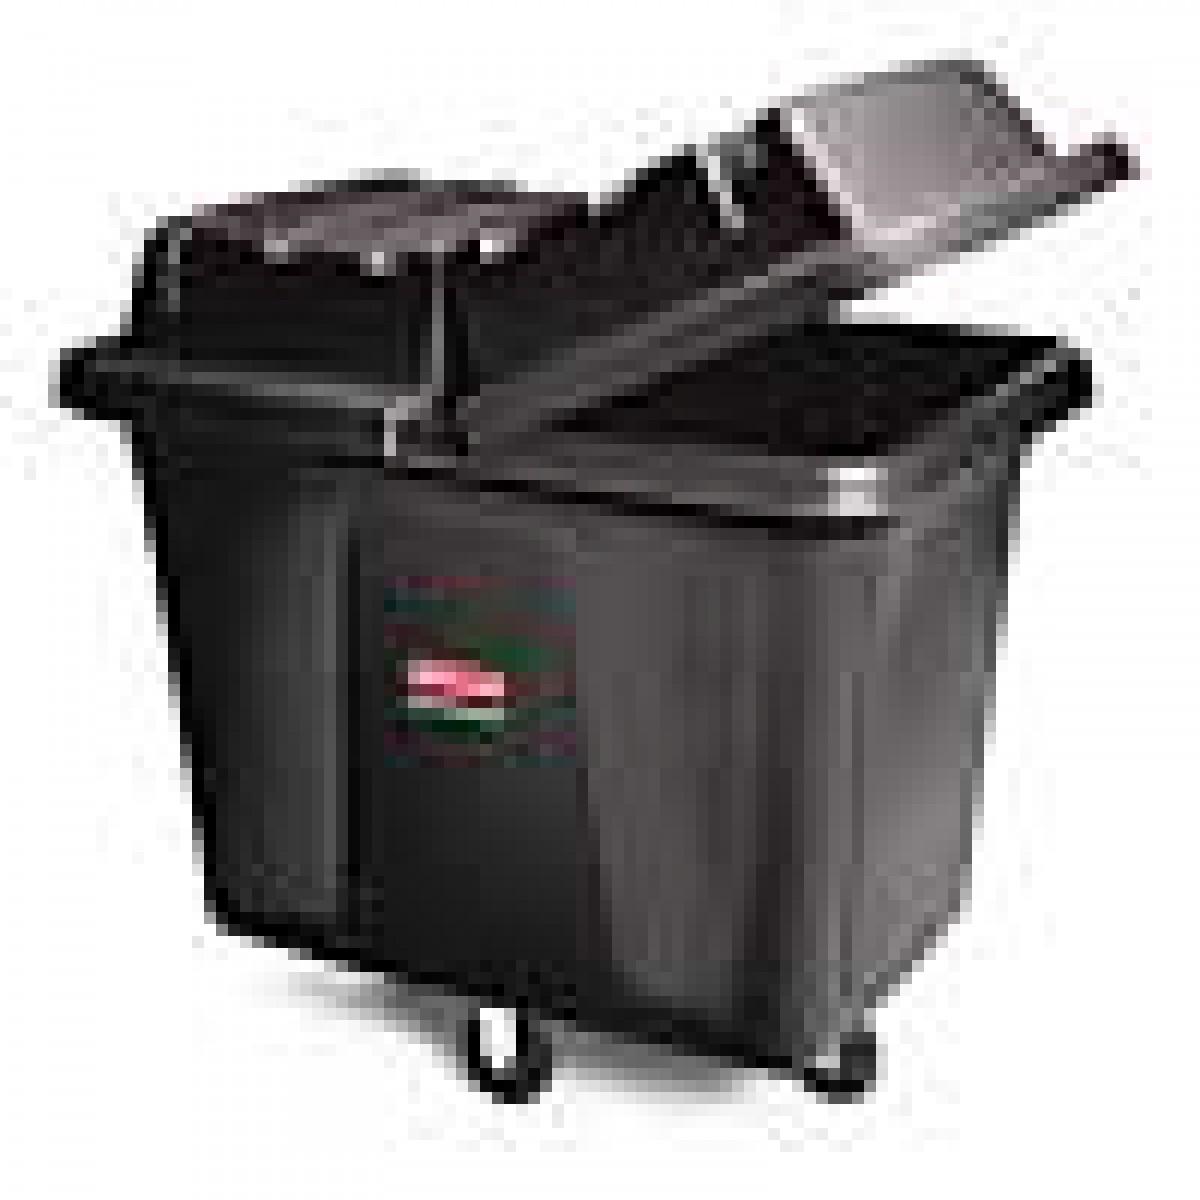 Cube Carts Tilt Carts Cube Trash Carts